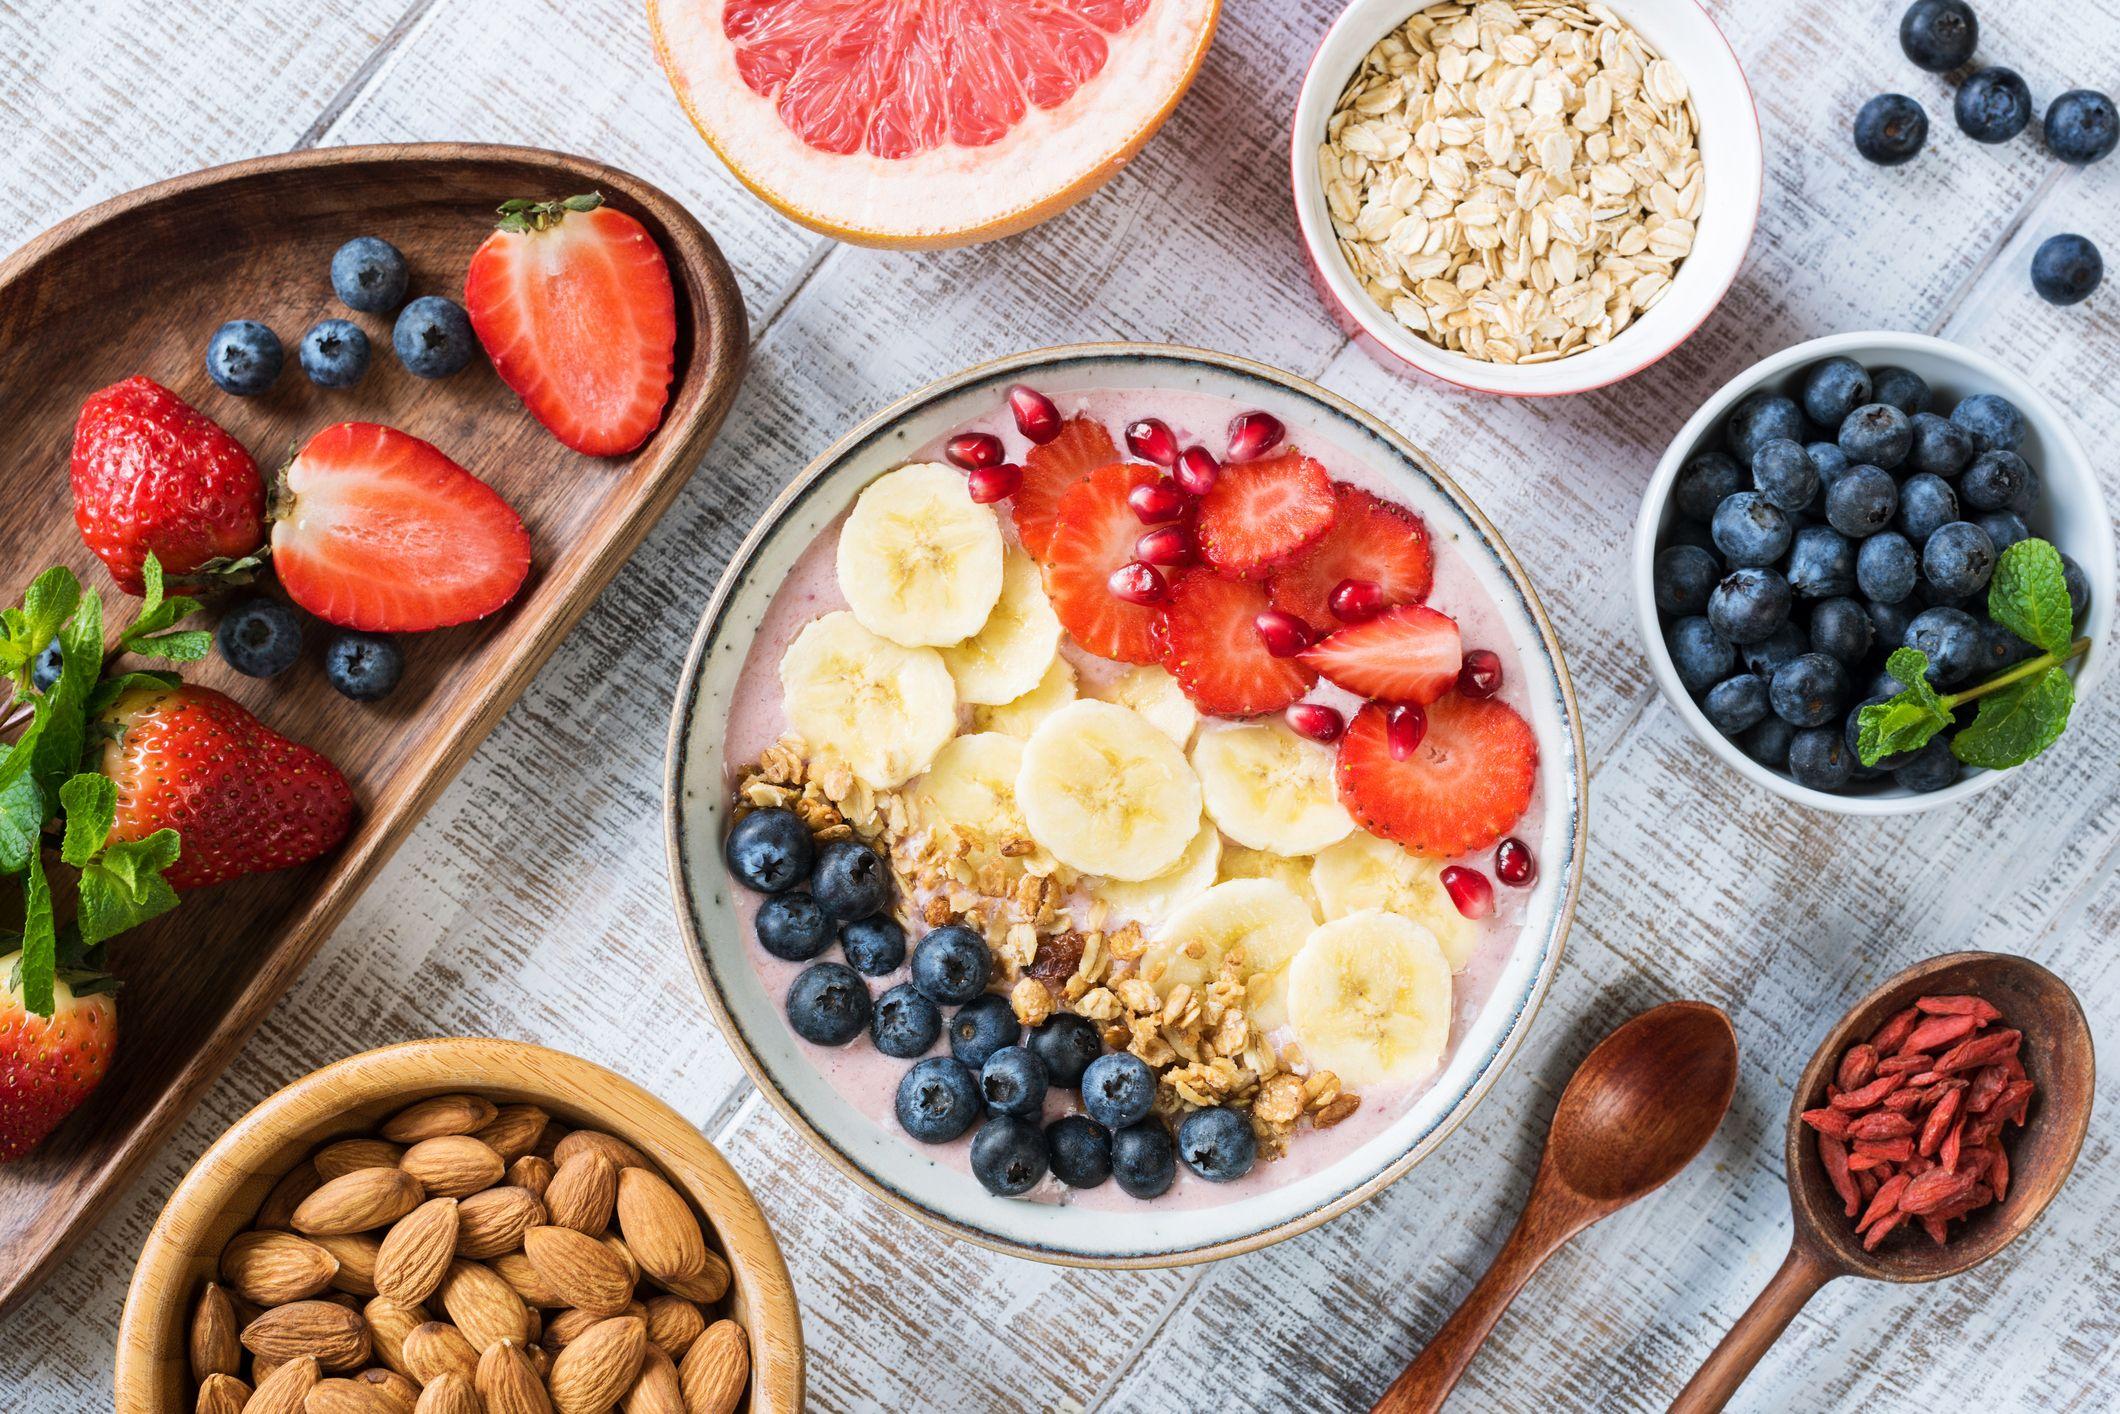 le fibre alimentari possono farti ingrassare